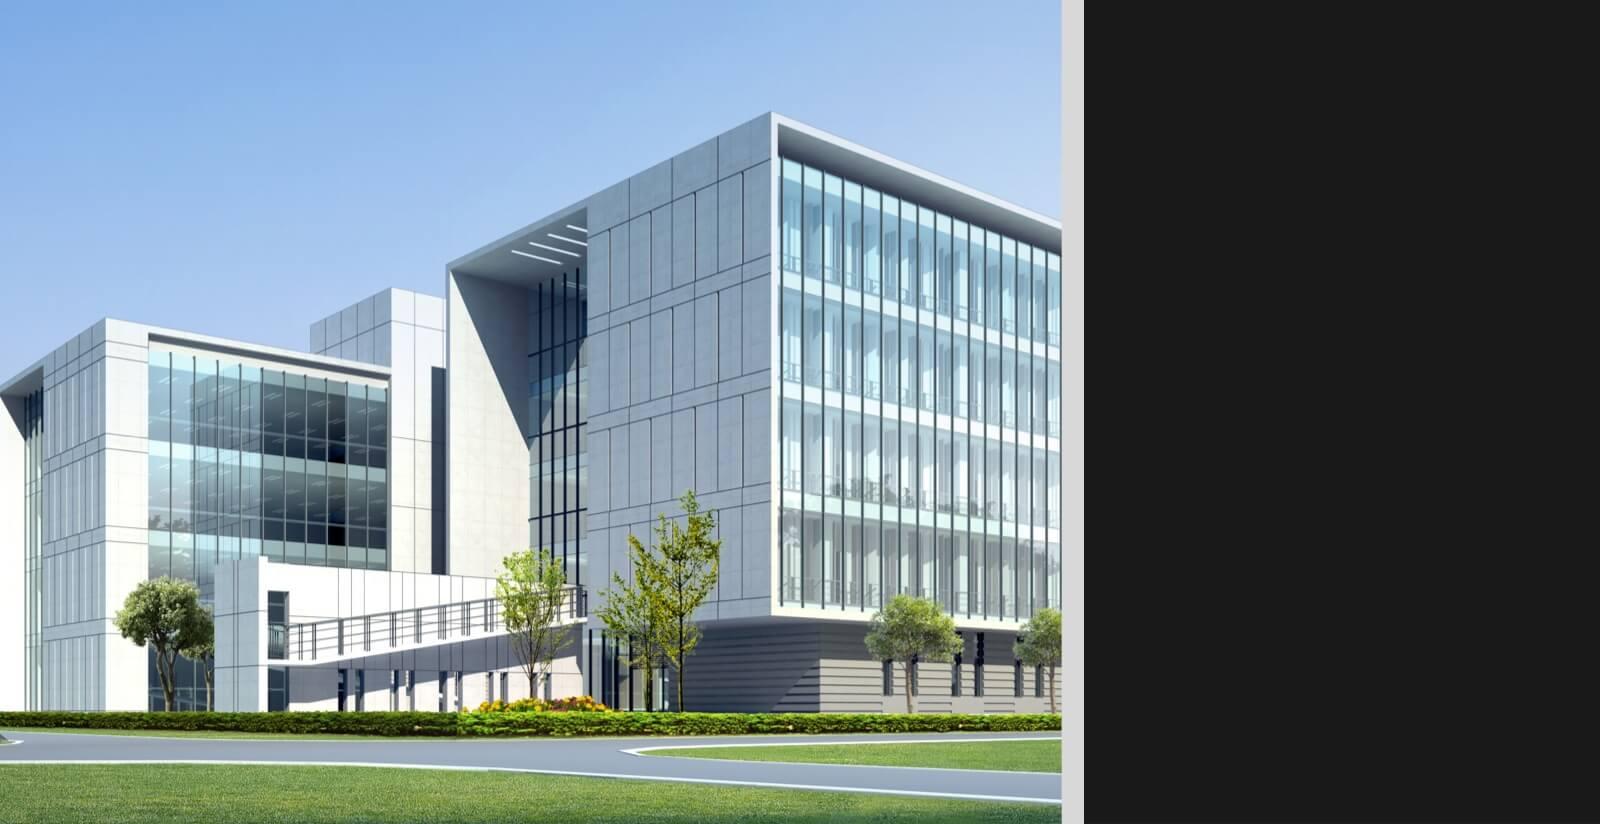 อาคารสำนักงาน architects design บริษัท ผลงานการออกแบบอาคาร